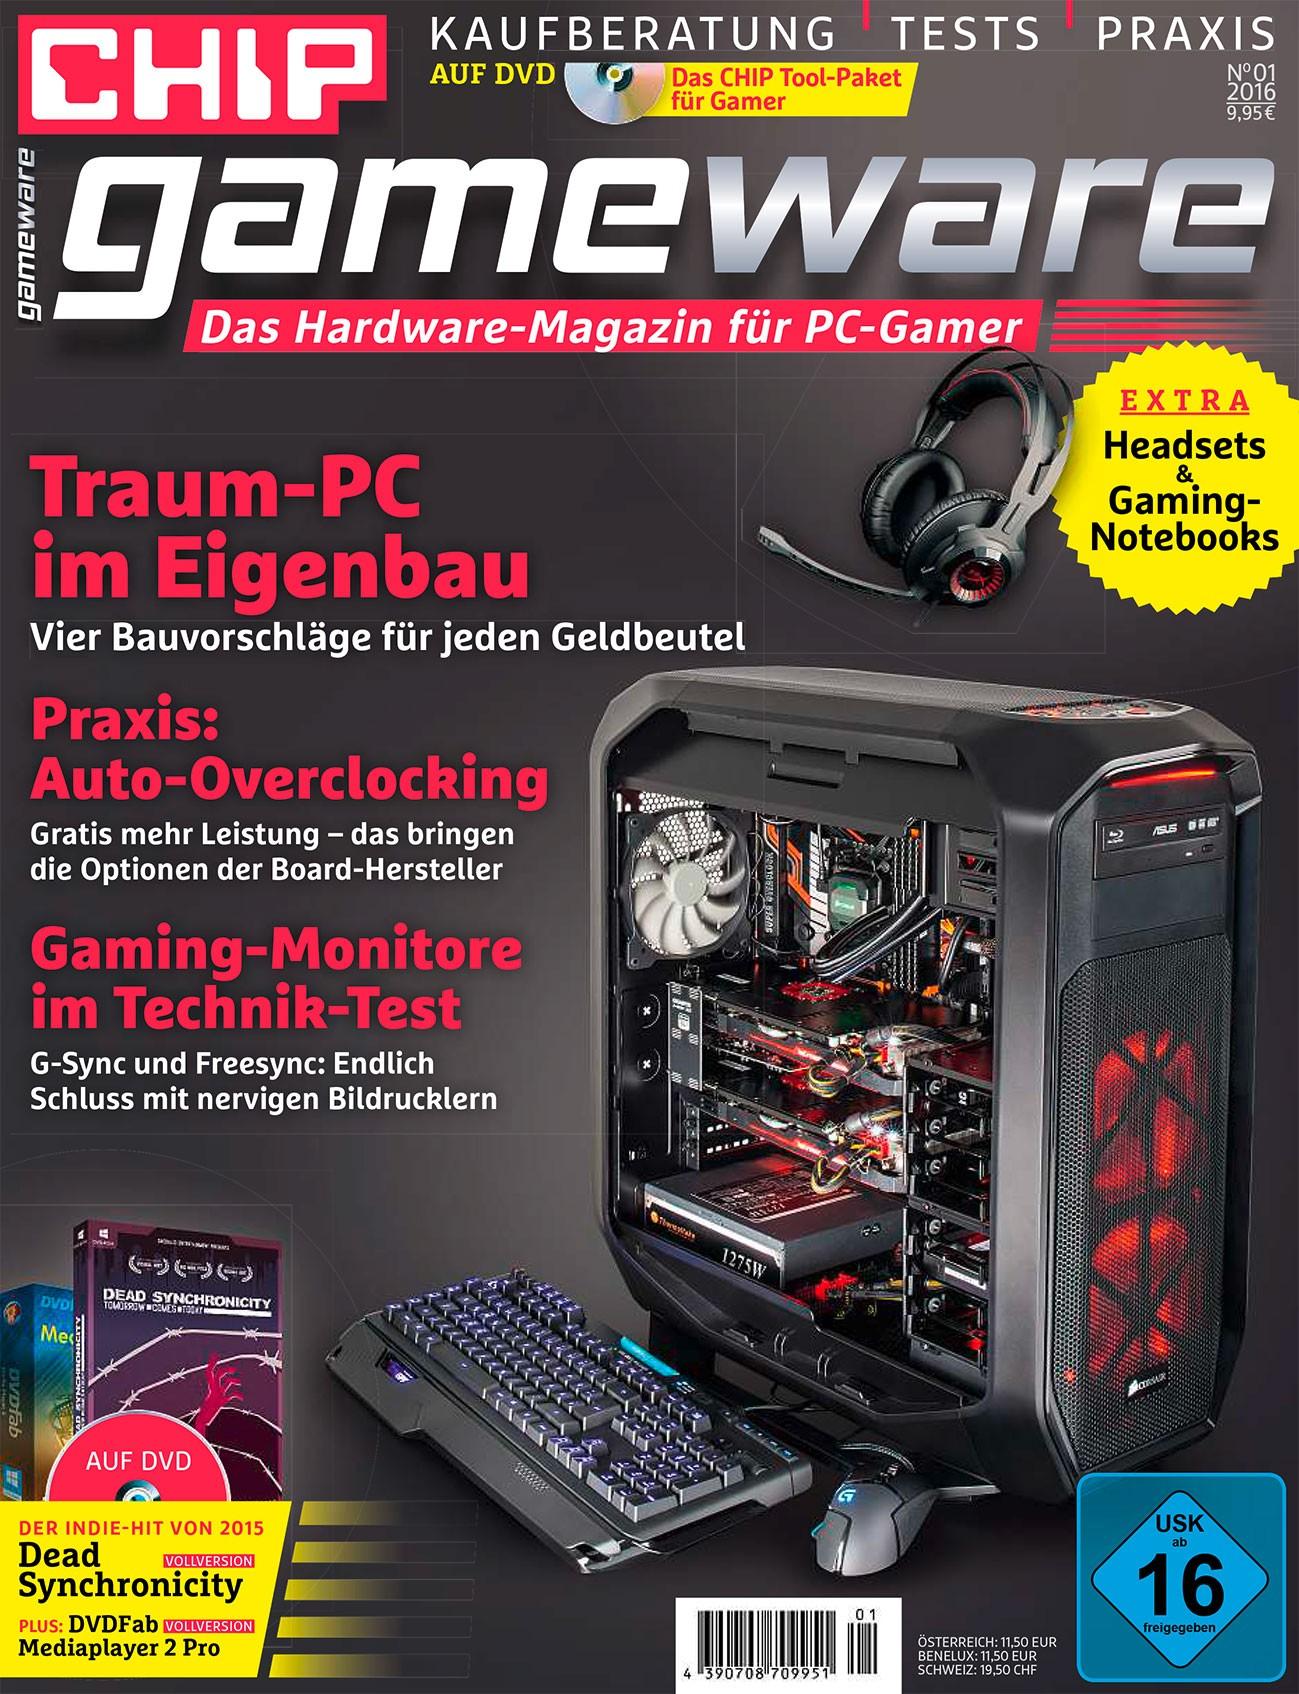 CHIP Gameware 01/16 ePaper kostenlos [CHIP-Kiosk]